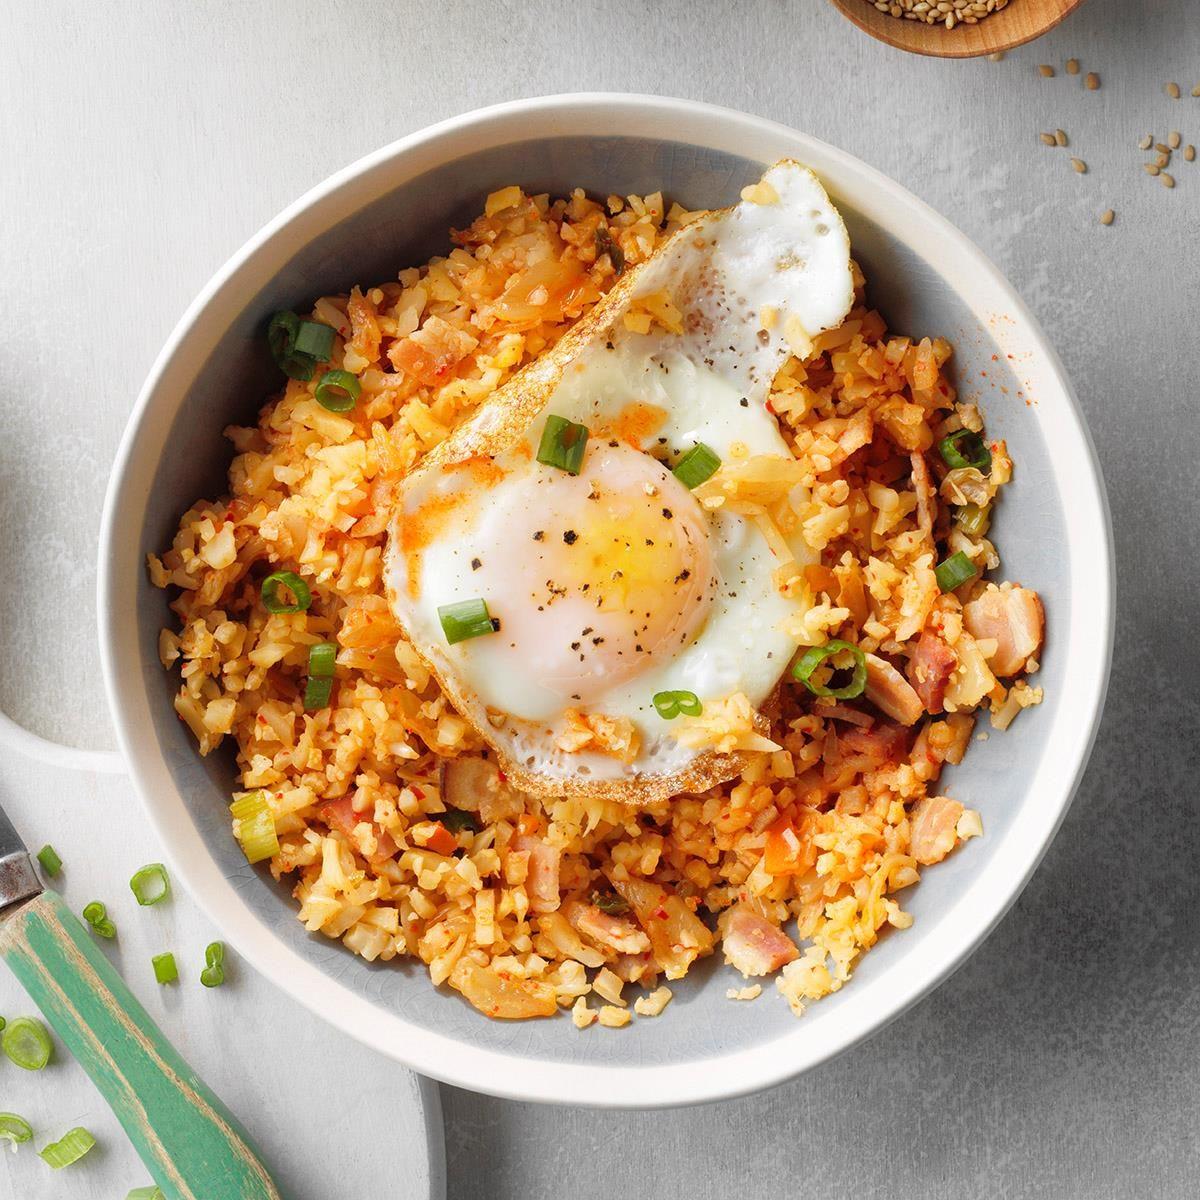 Kimchi Cauliflower Fried Rice Exps Tohescodr20 246006 E03 17 2b 4